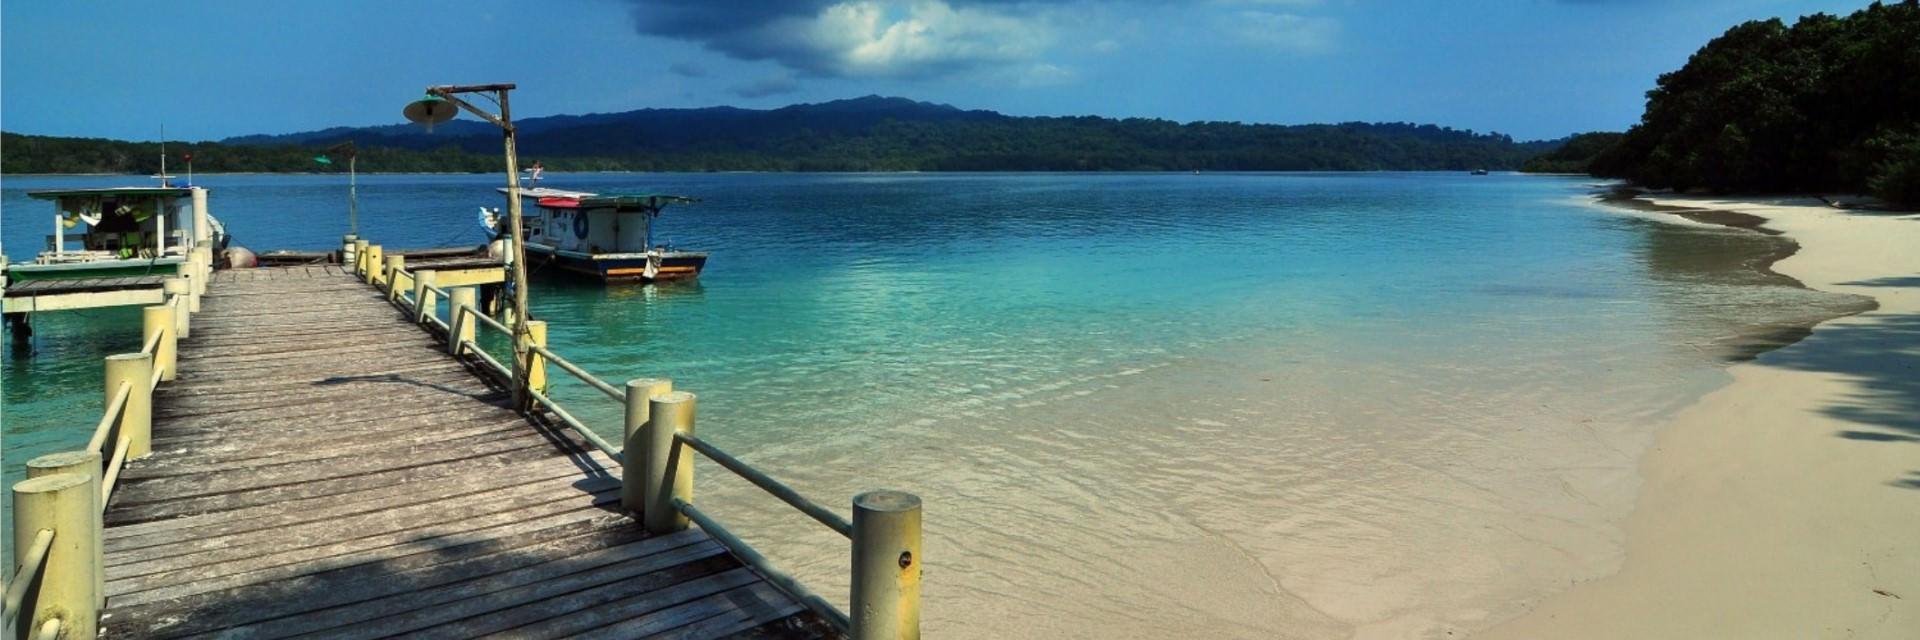 Menjelajahi Pulau Peucang di Banten Dijamin Bisa Mengalihkan Fikiranmu dari Si Dia yang Tak Setia